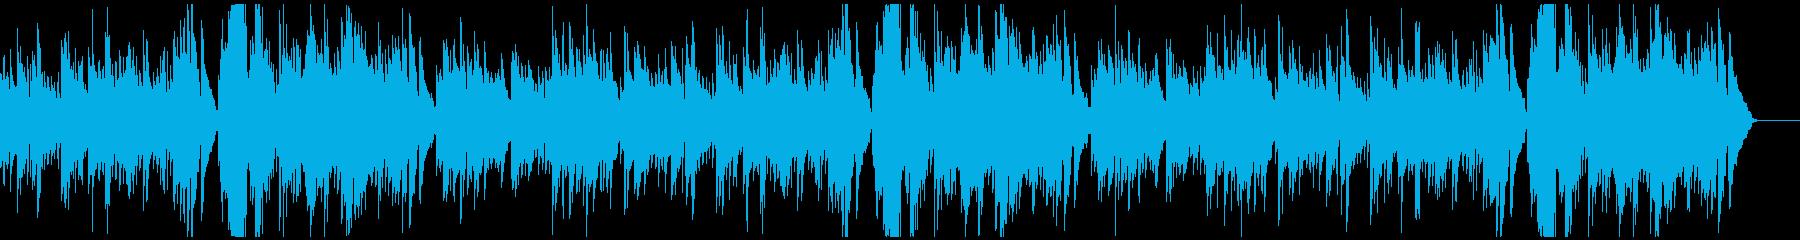 ビブラフォンとバイオリンギターのバラードの再生済みの波形